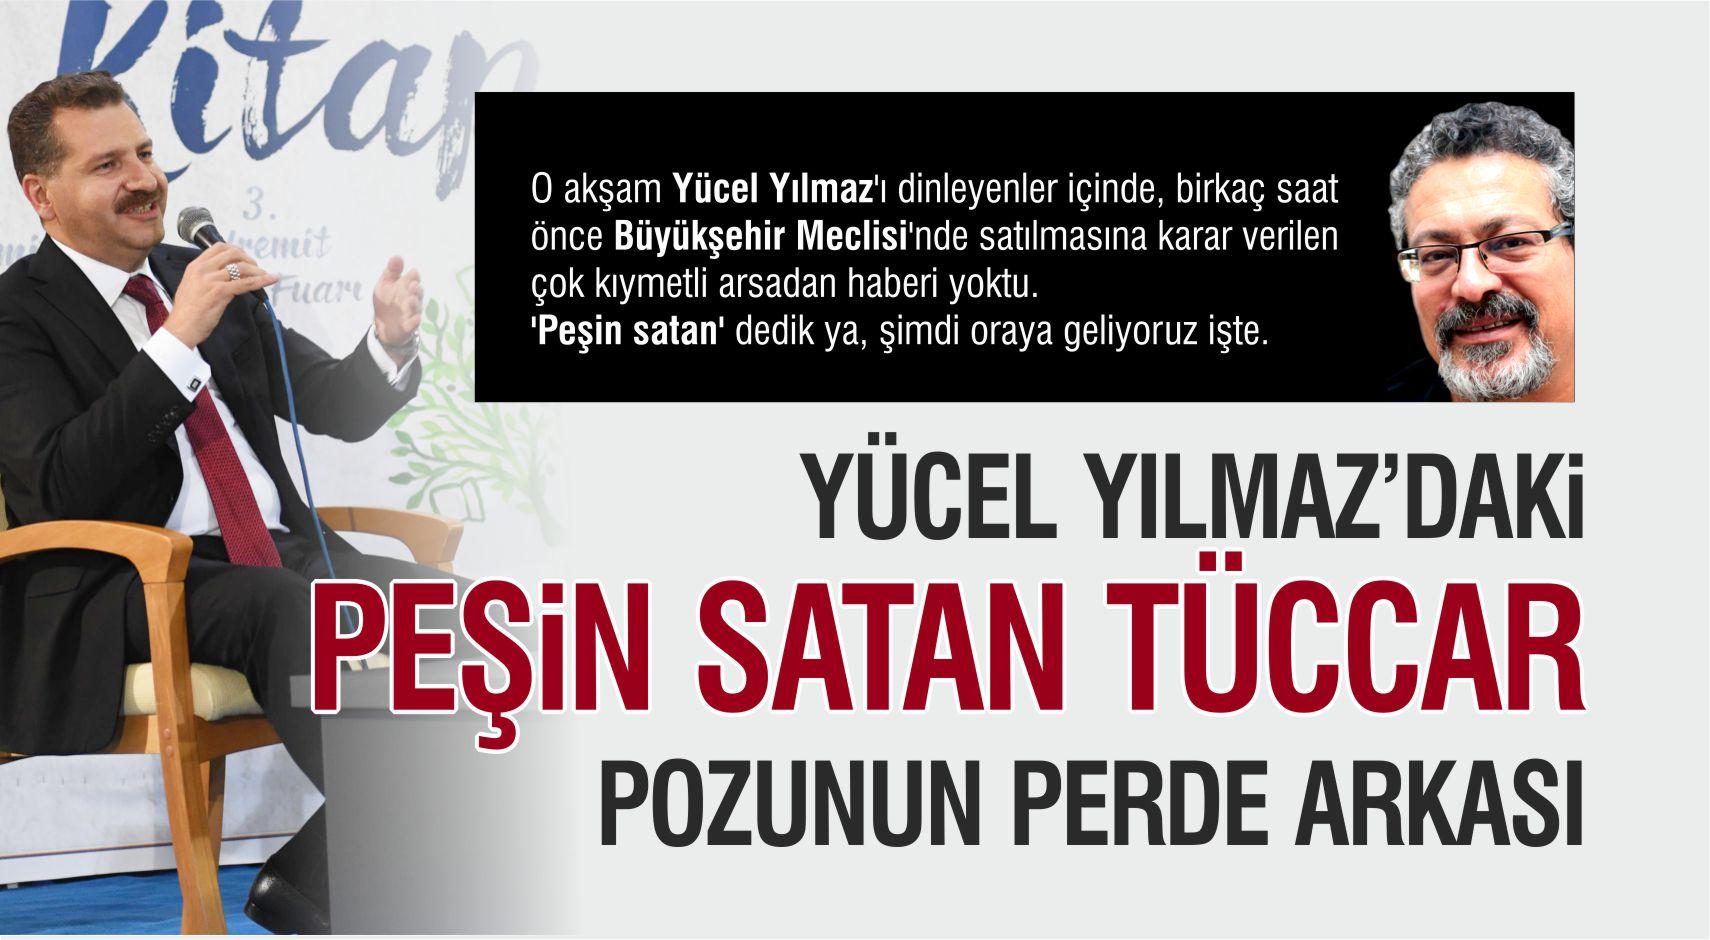 YÜCEL YILMAZ'DAKİ 'PEŞİN SATAN TÜCCAR' POZUNUN PERDE ARKASI